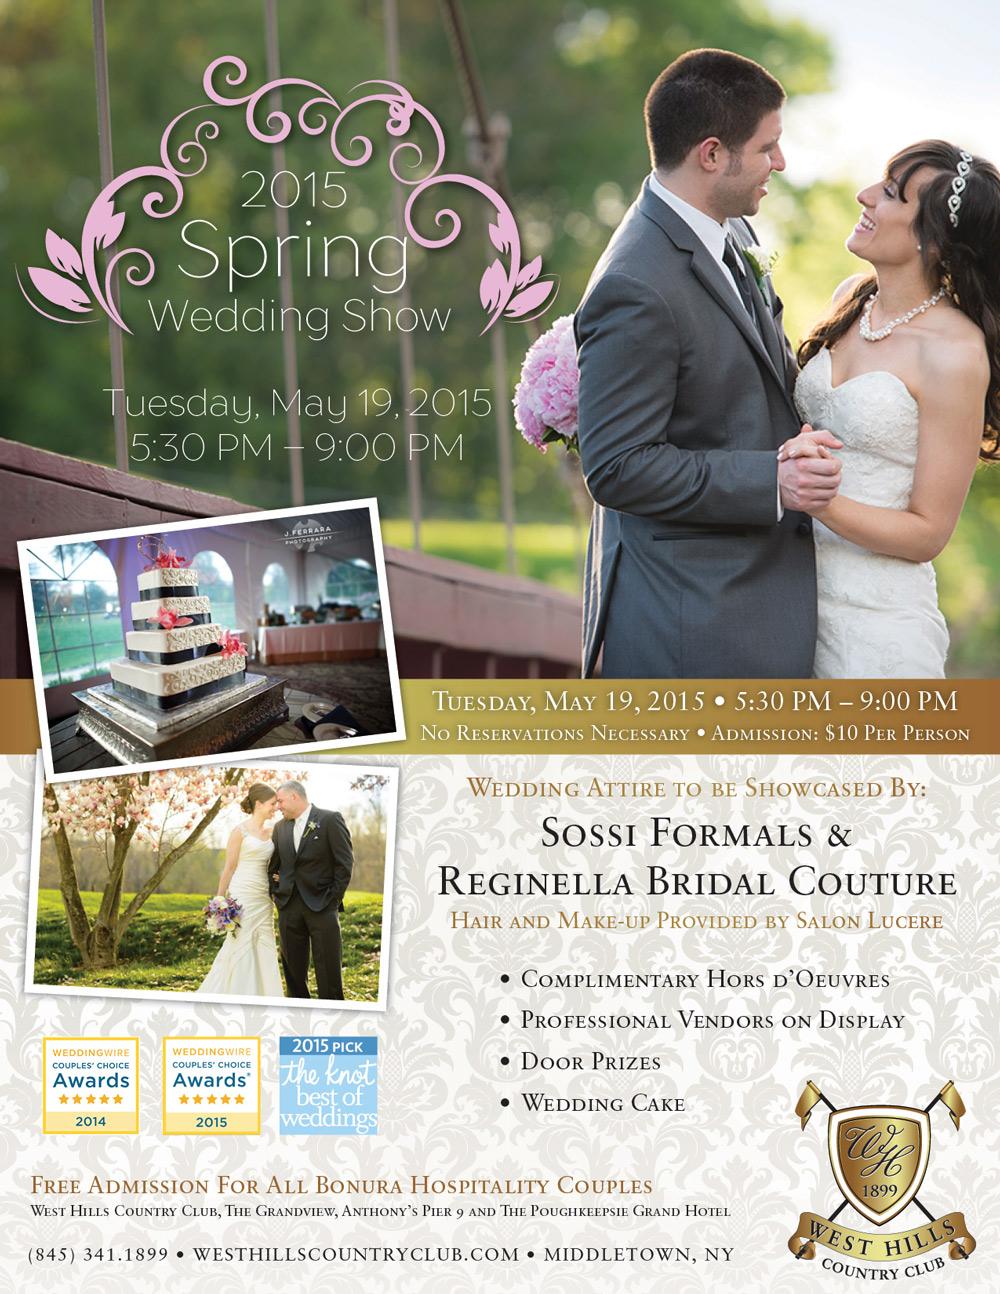 whcc-wedding-show